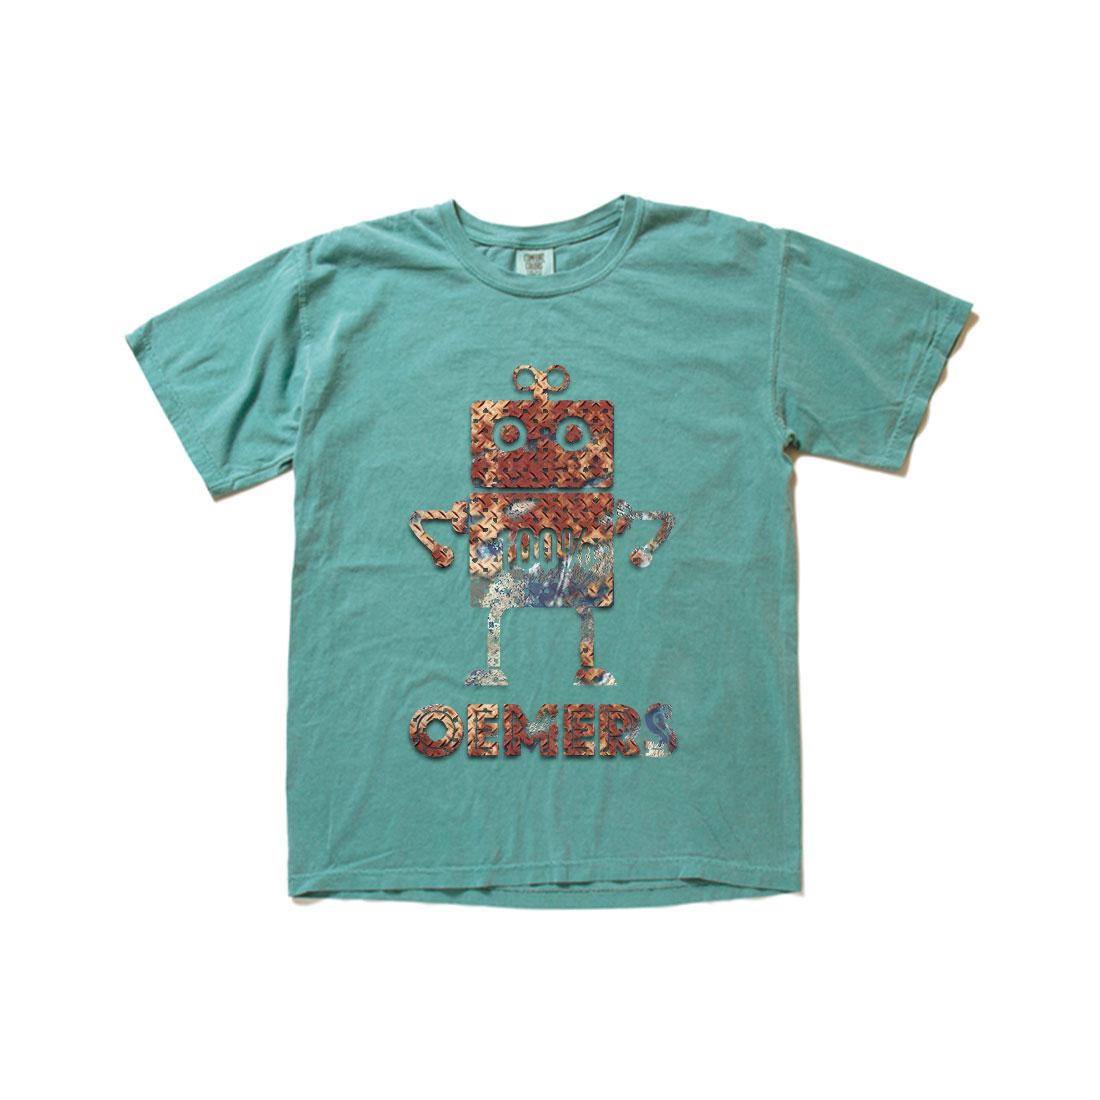 ヴィンテージTシャツ エメラルドグリーン